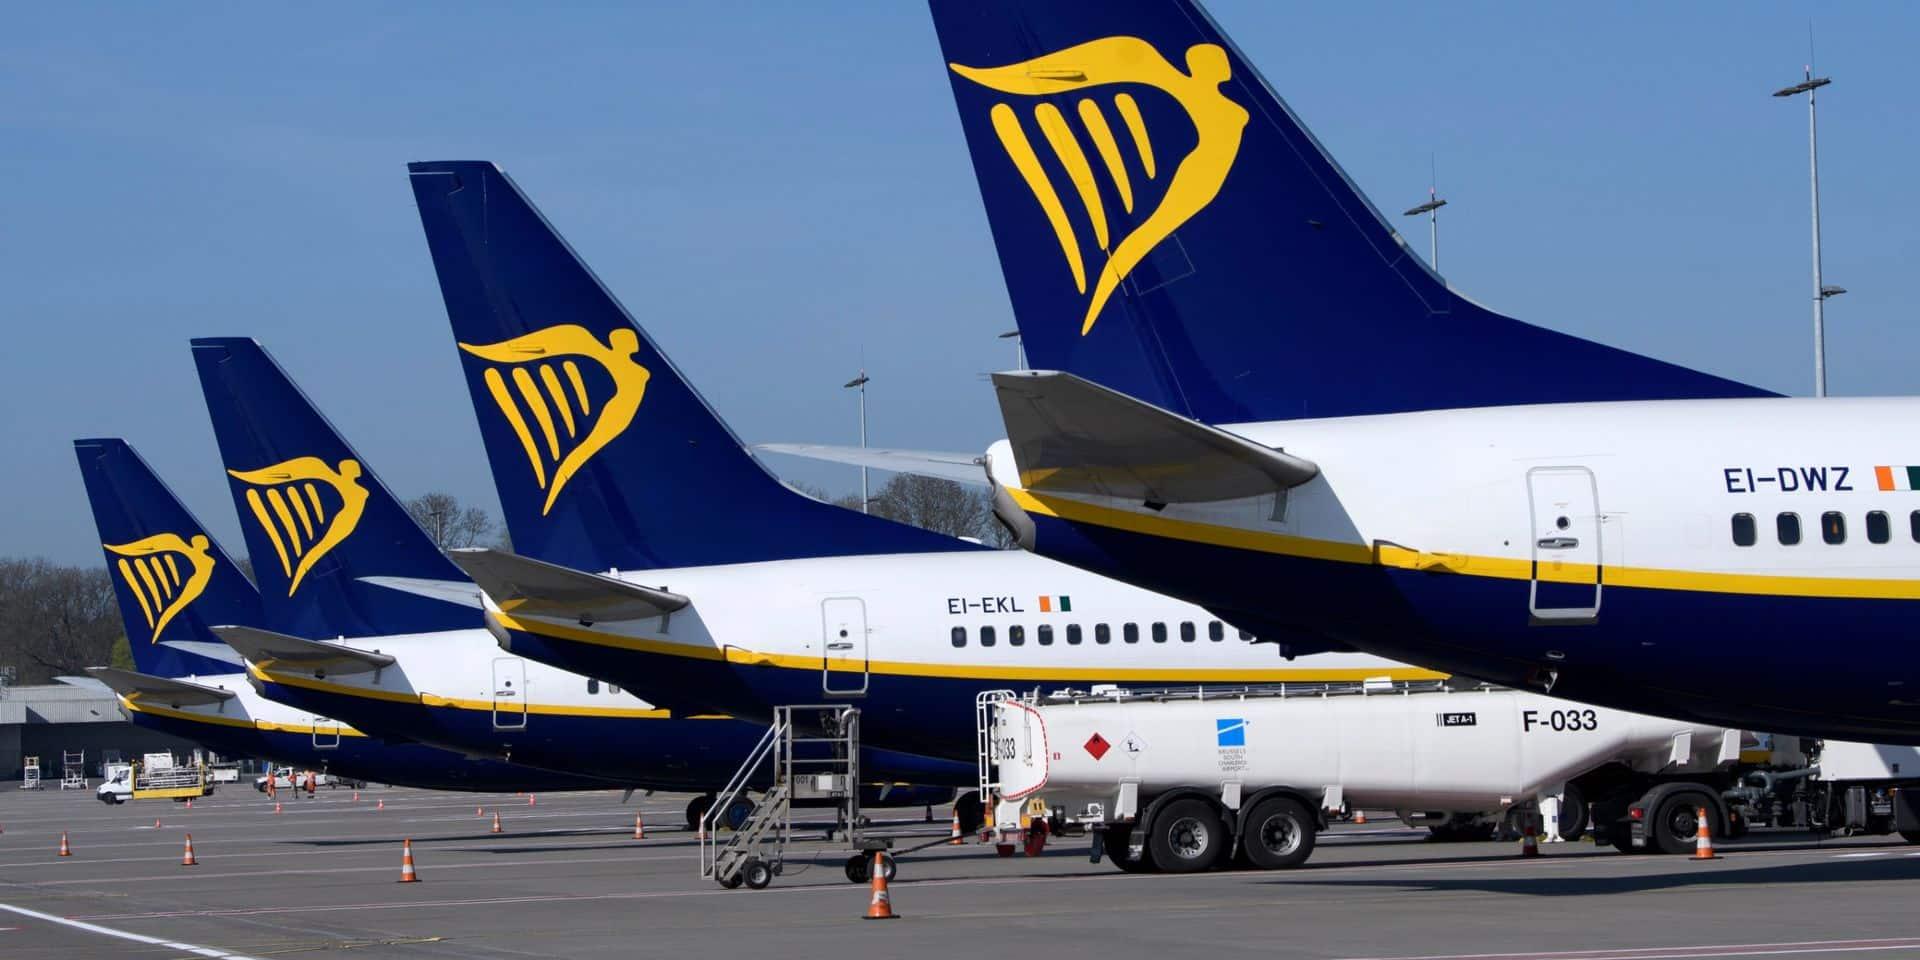 Ryanair a transporté 100 millions de voyageurs de moins en 2020